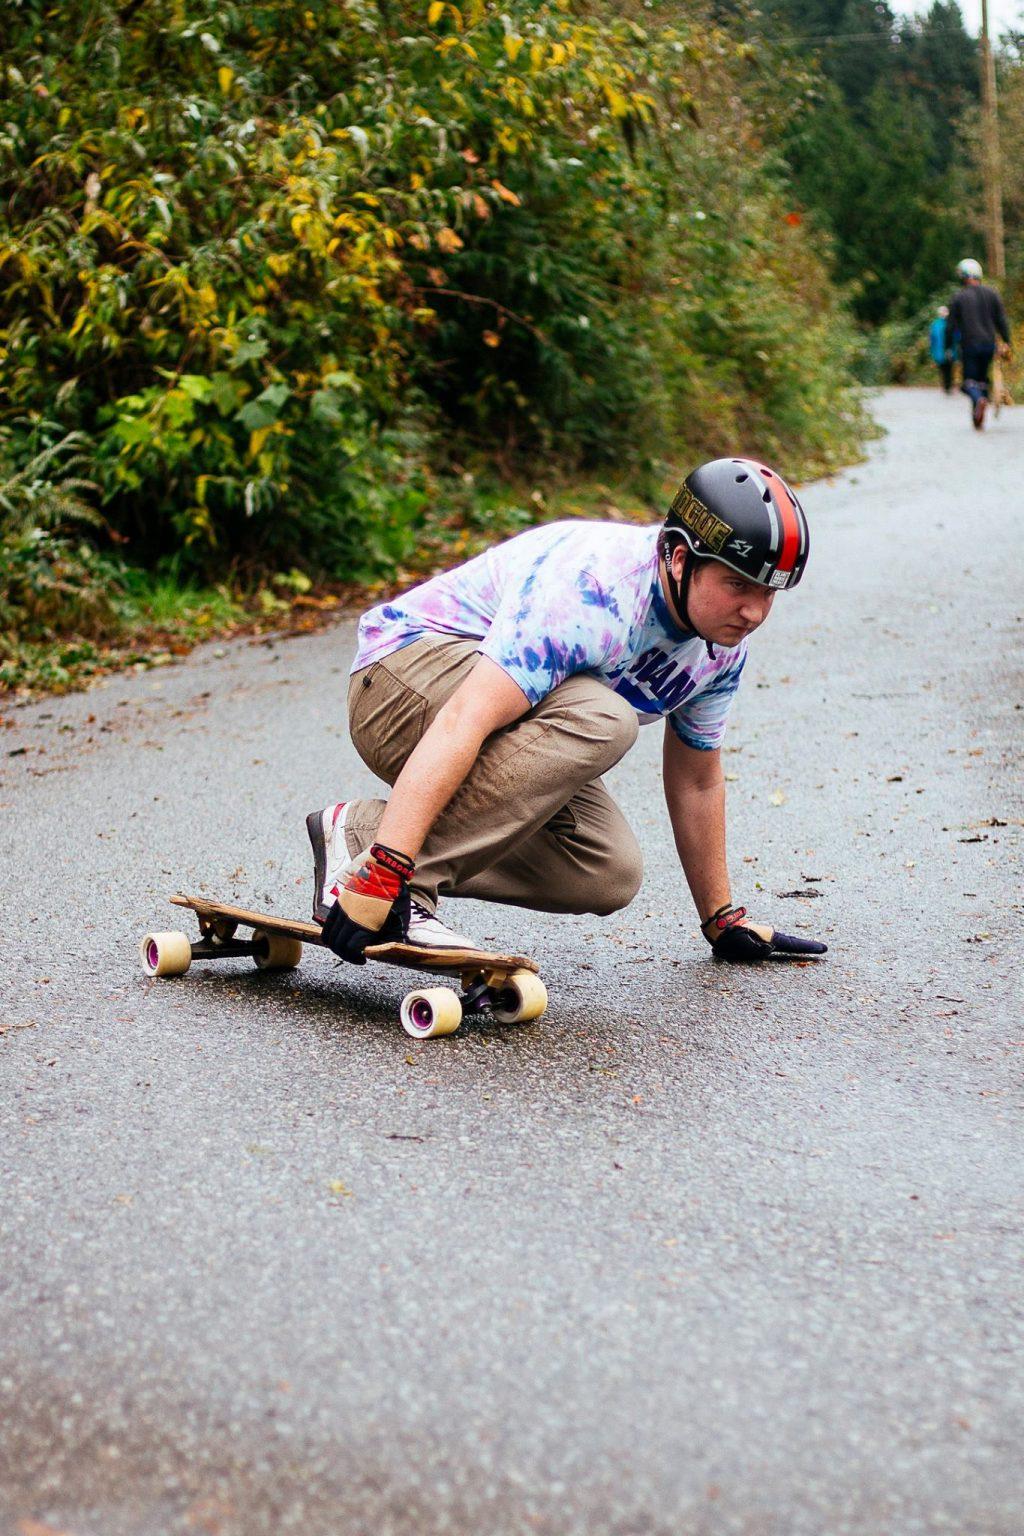 13-sam-galus-flatspot-longboards-valhalla-skateboards-higway-jam-highwayjamx-sho-ouellette-sho-stopper-longboarding